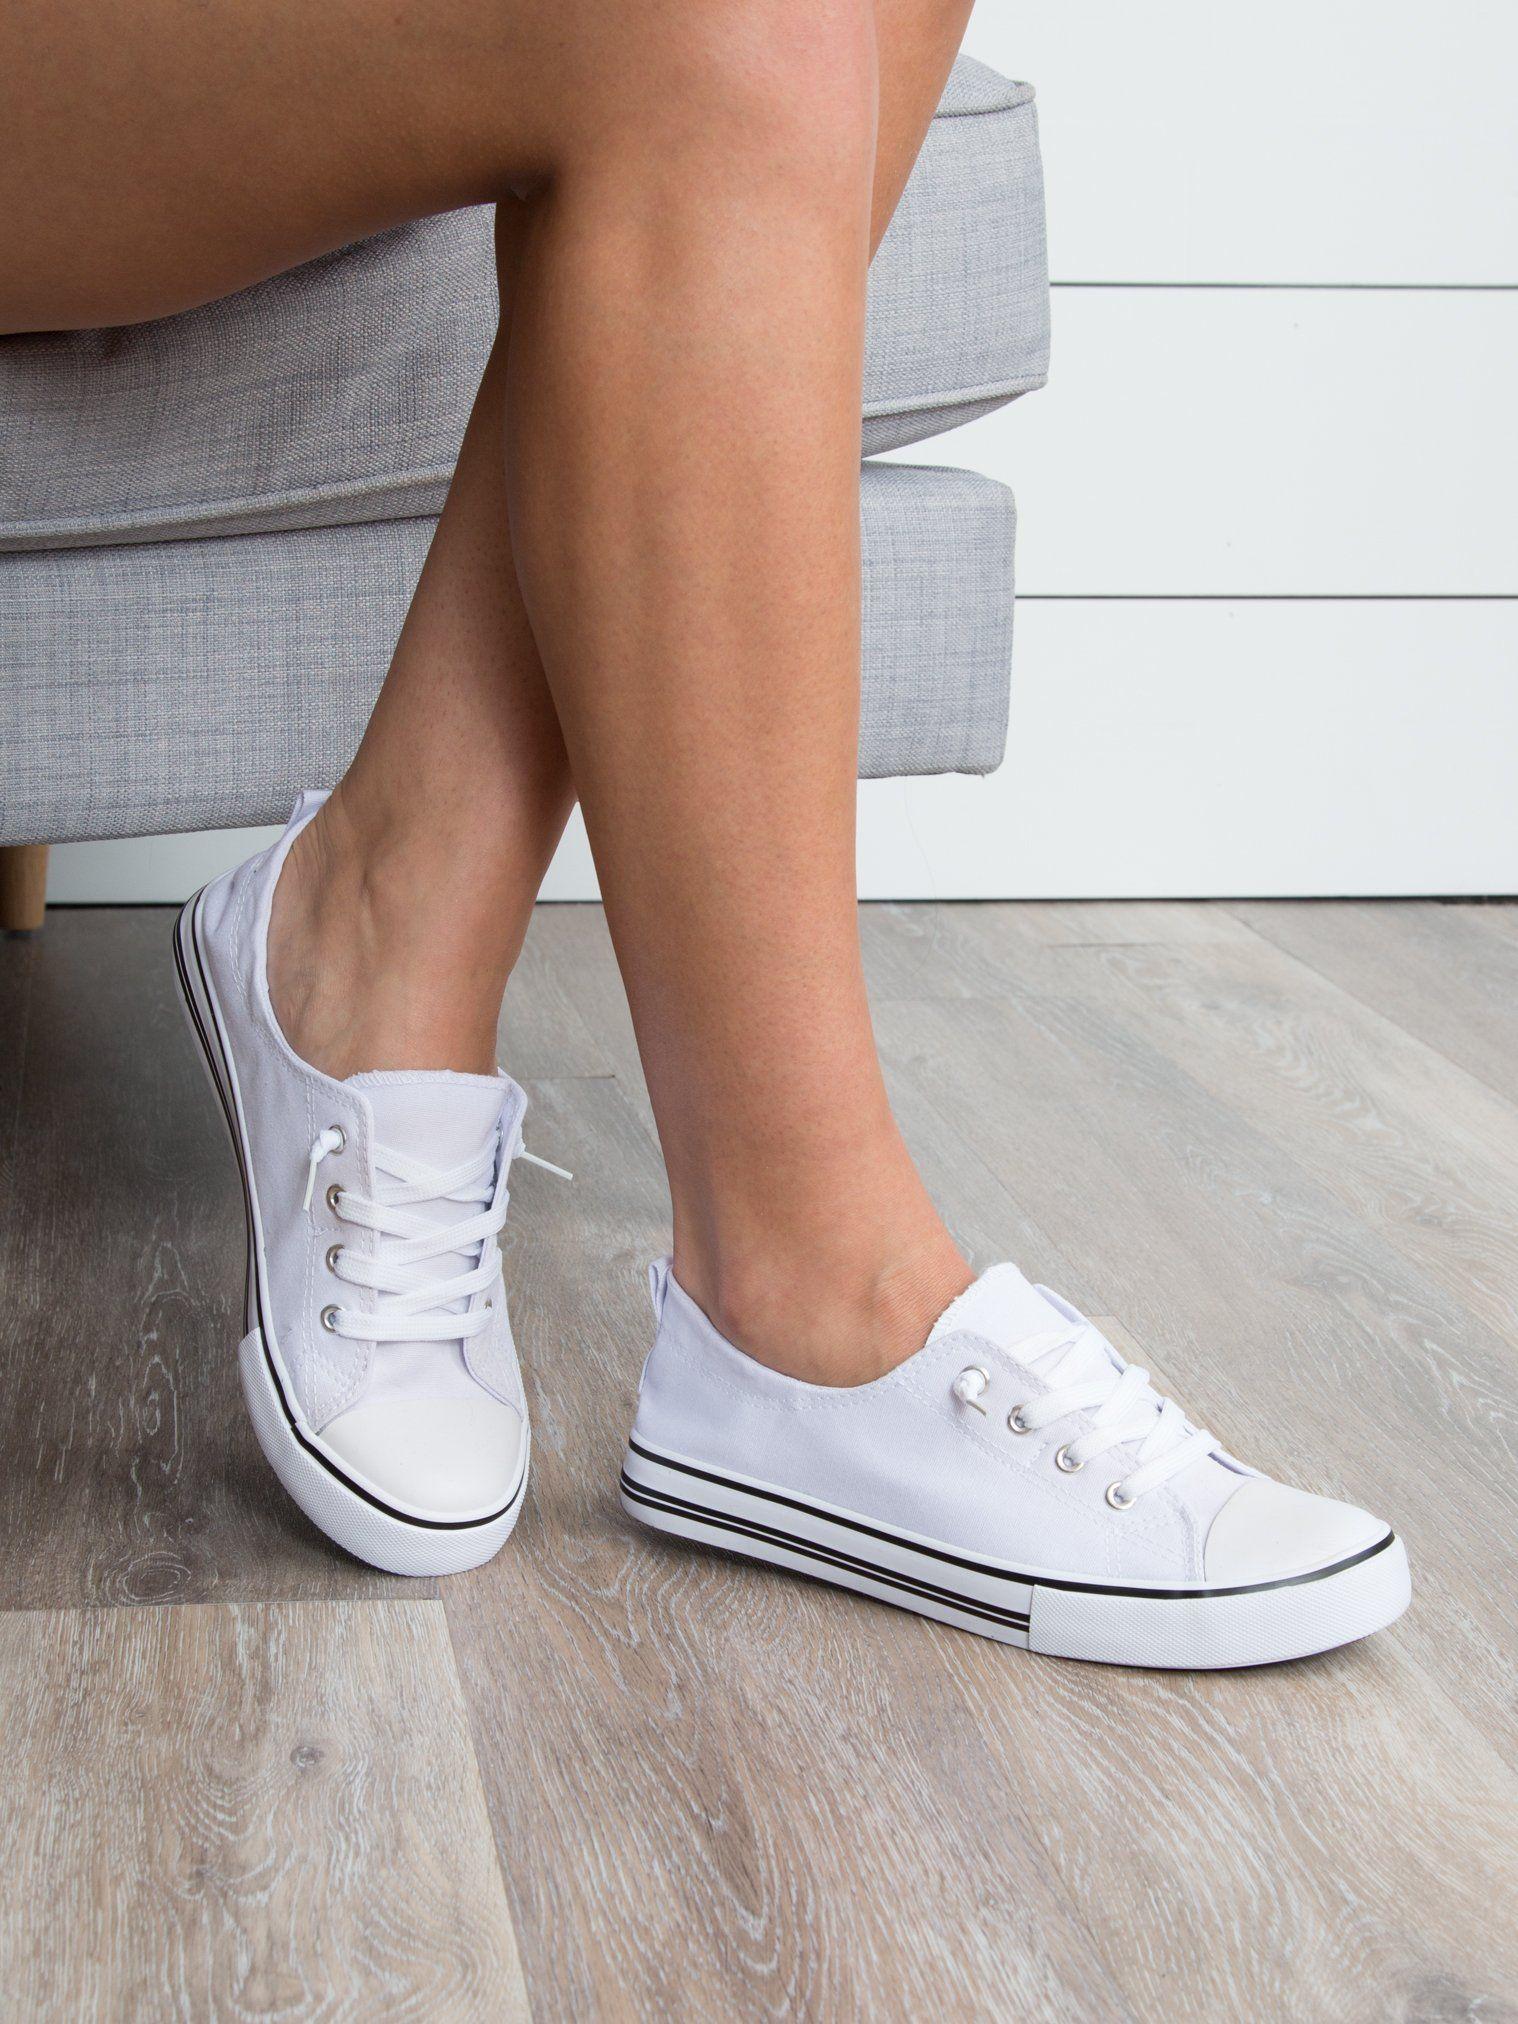 2b62b405e53 The Skylar Slip On Sneaker - Off White White Slip On Sneakers